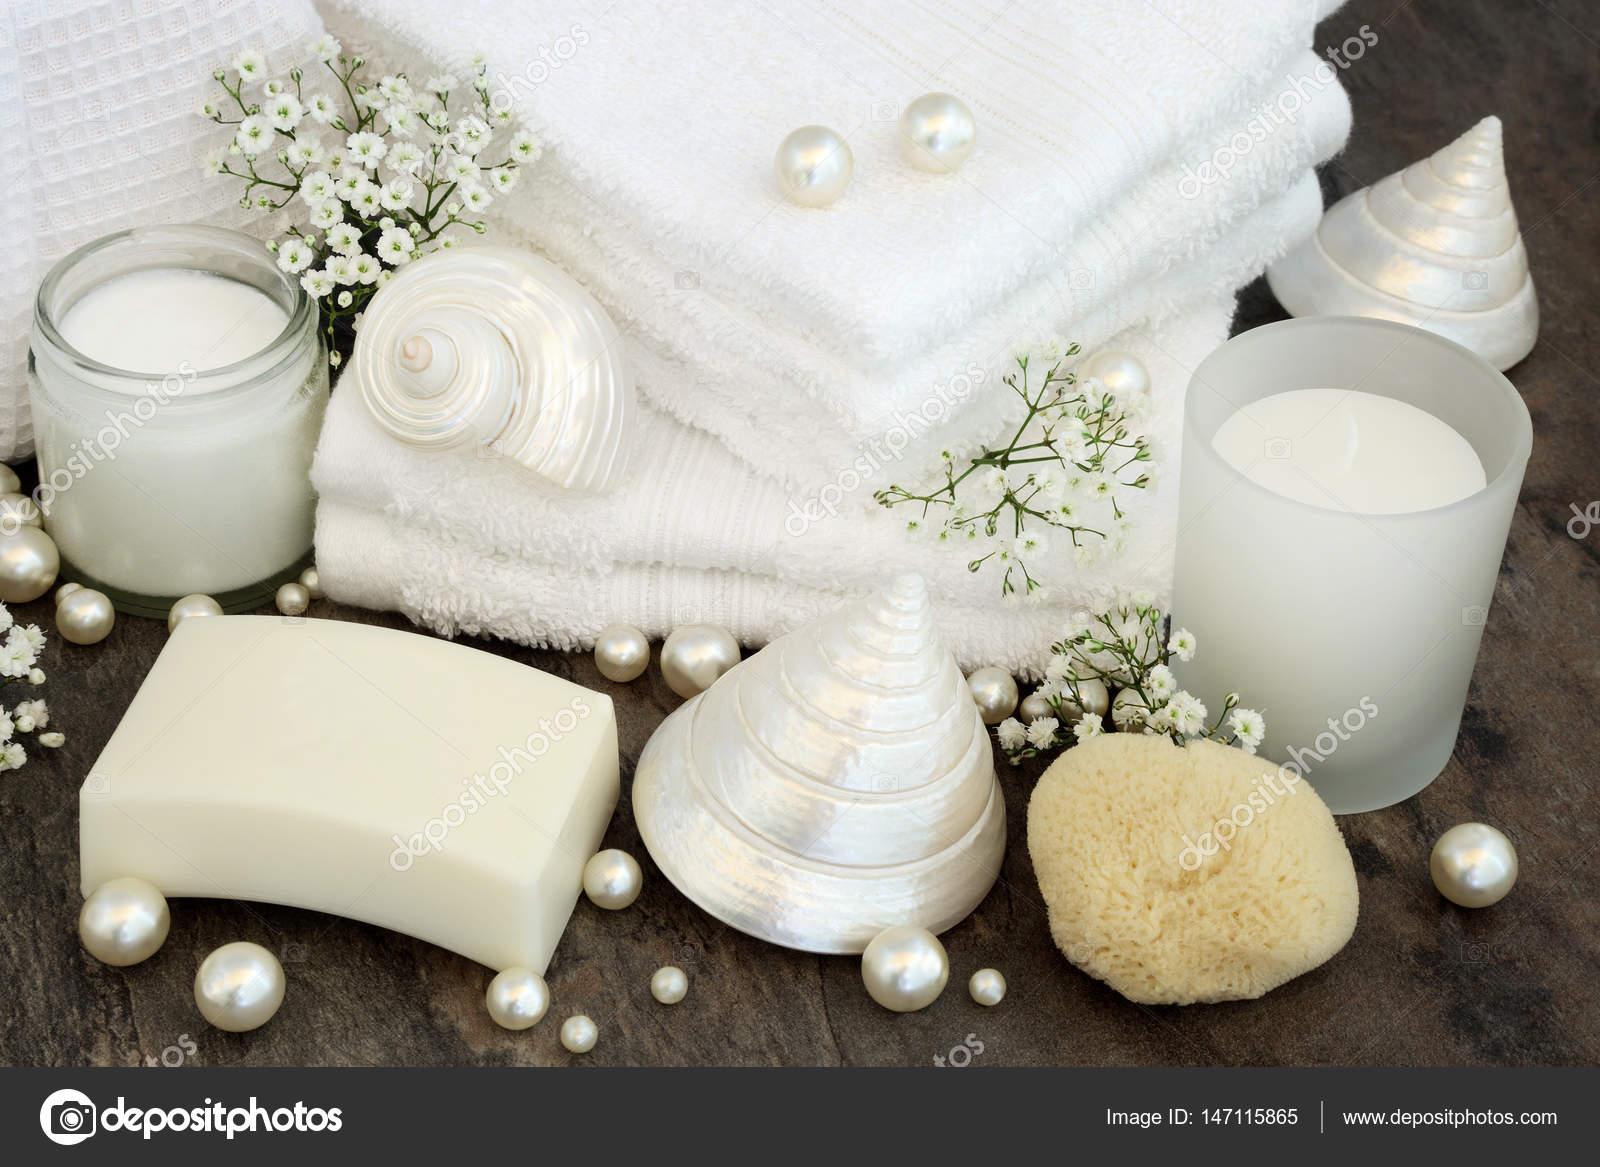 Bagno Idratante Naturale : Burro per il corpo muschio bianco crema idratante corpo cura etsy